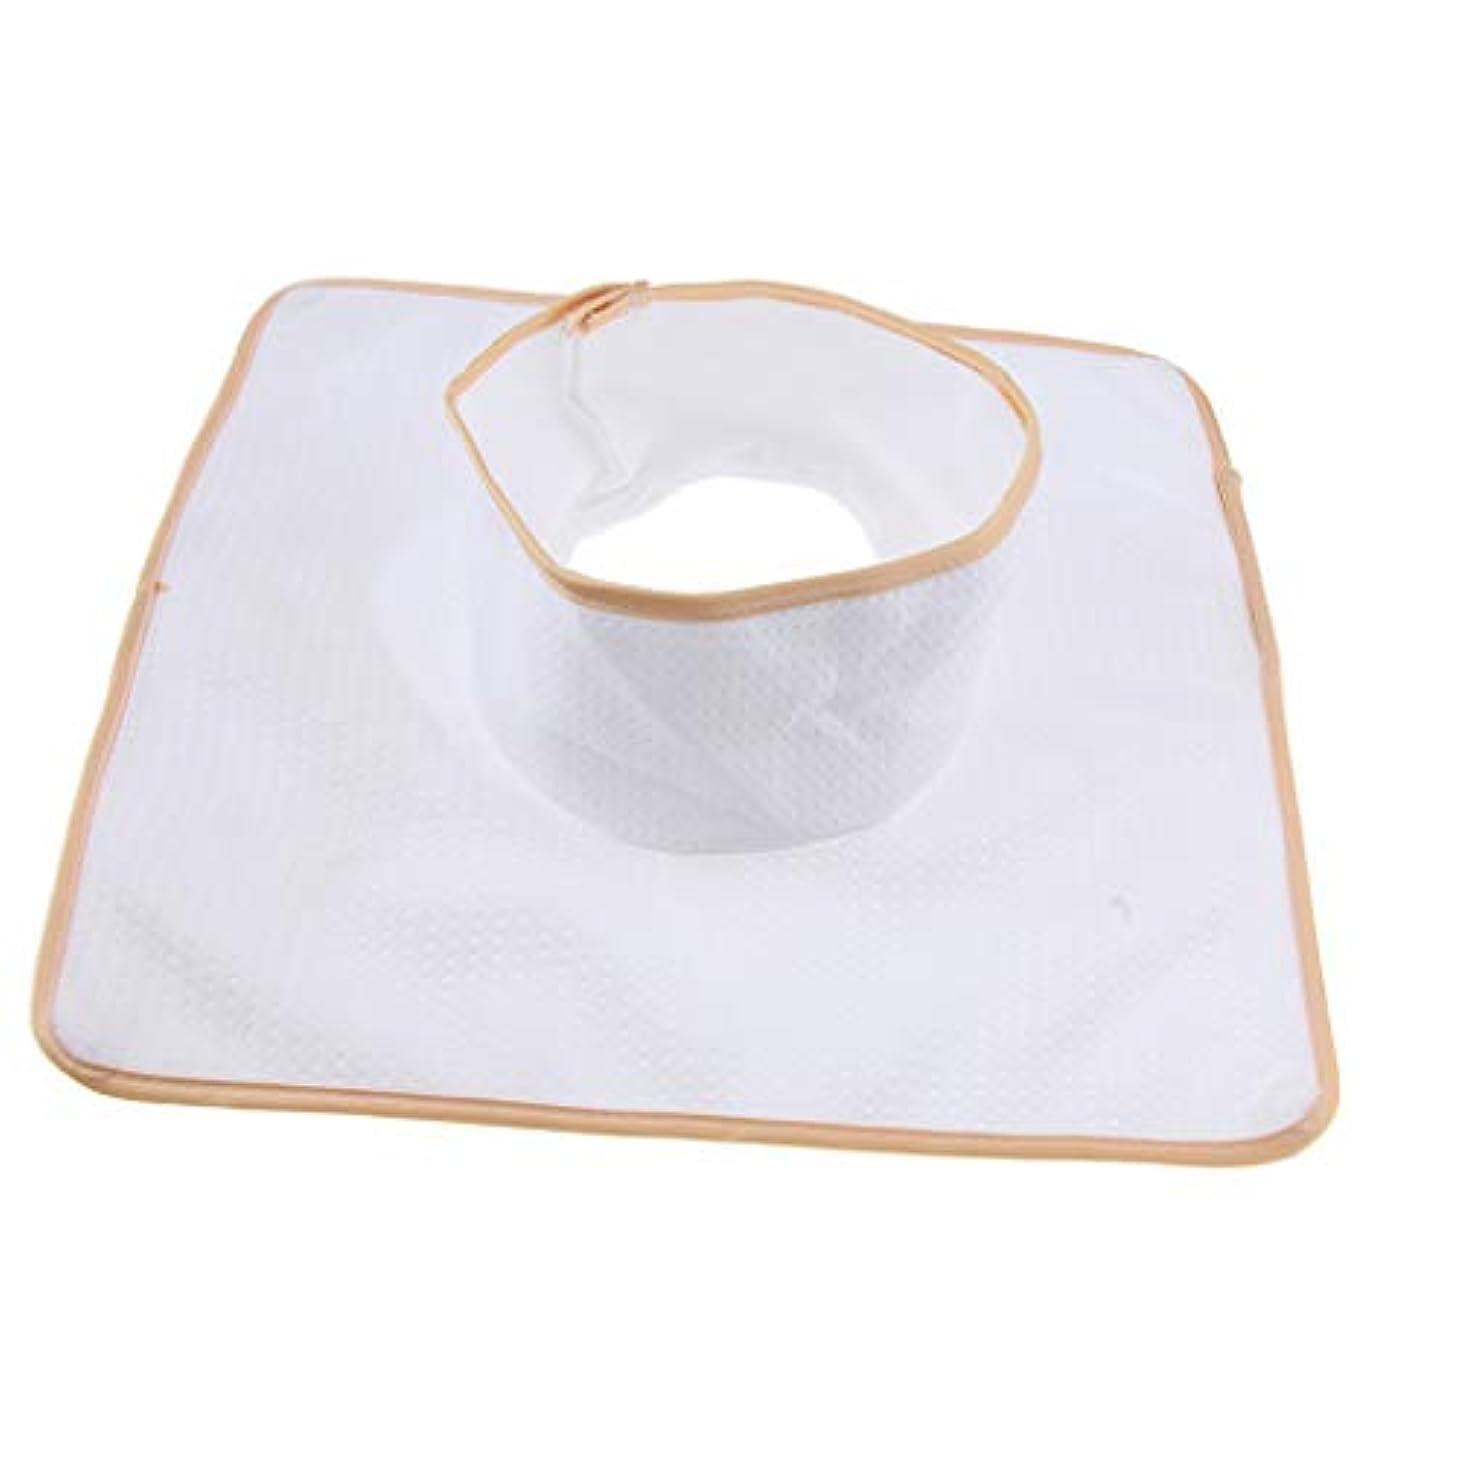 取得略奪スラダムFLAMEER マッサージベッド サロンテーブル シート パッド 頭の穴 洗濯可能 約35×35cm 全3色 - 白